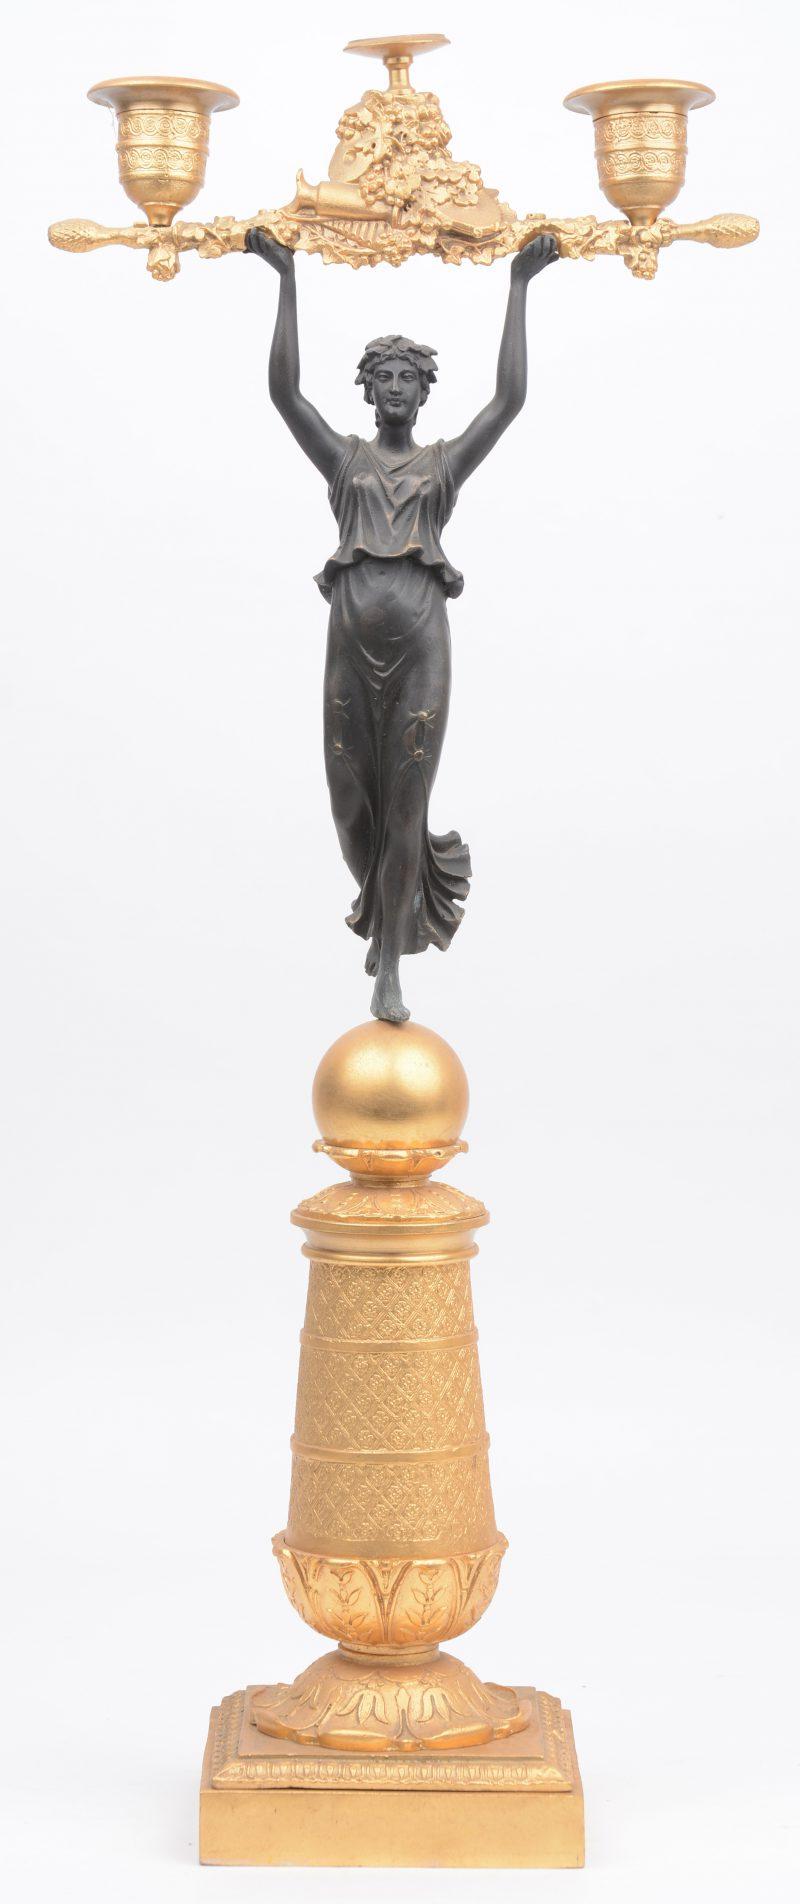 Een kandelaar van deels verguld brons in empirestijl, gedragen door een vrouwenfiguur.